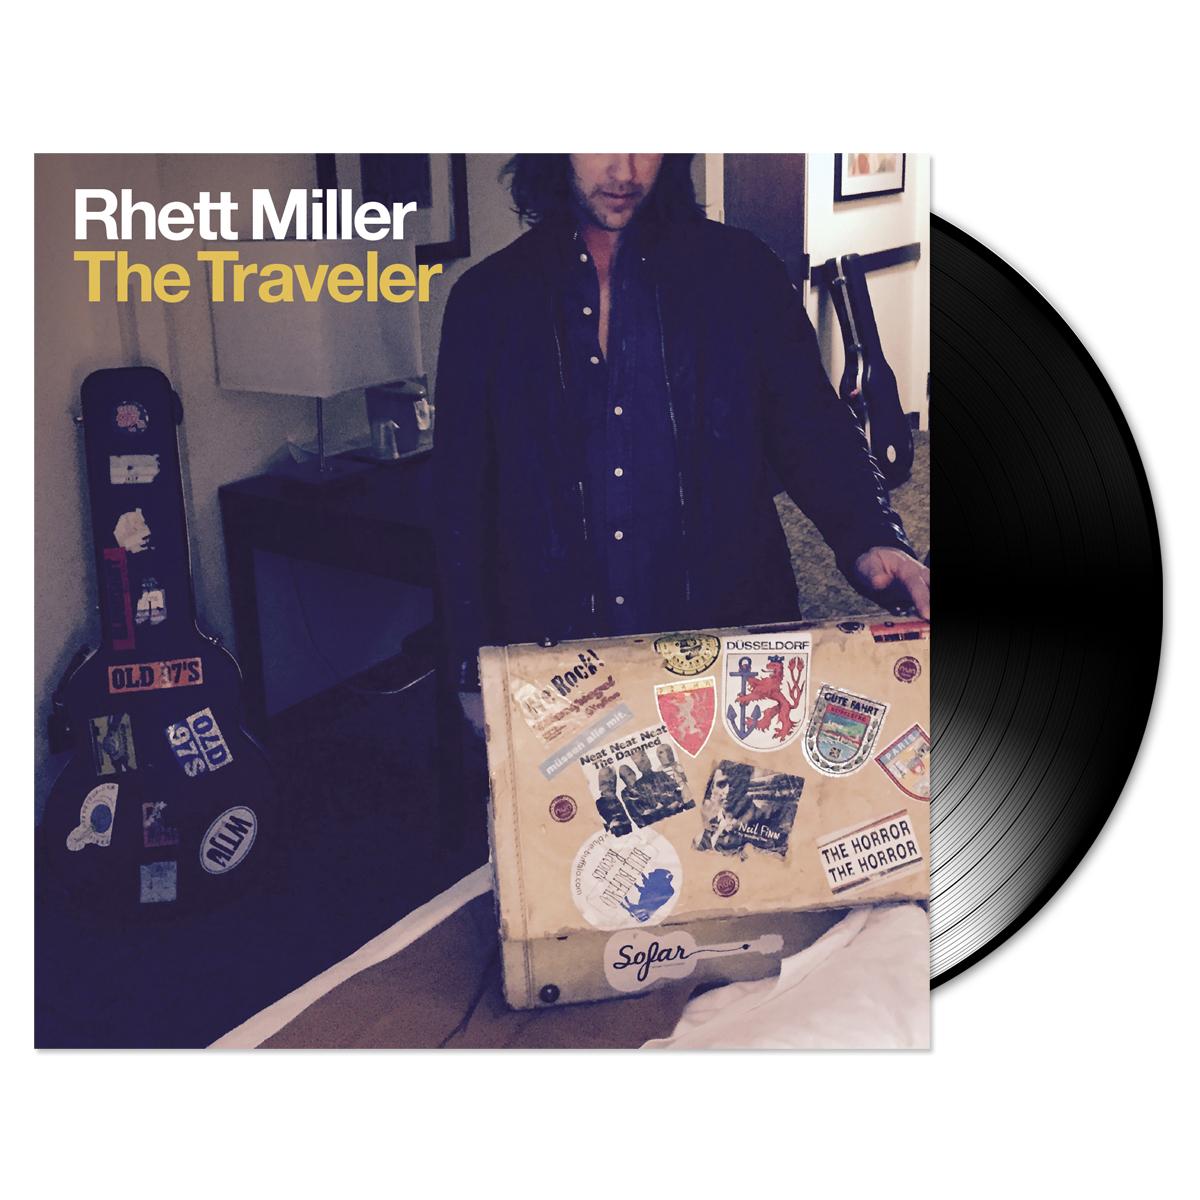 Rhett Miller with Black Prairie - The Traveler Vinyl LP